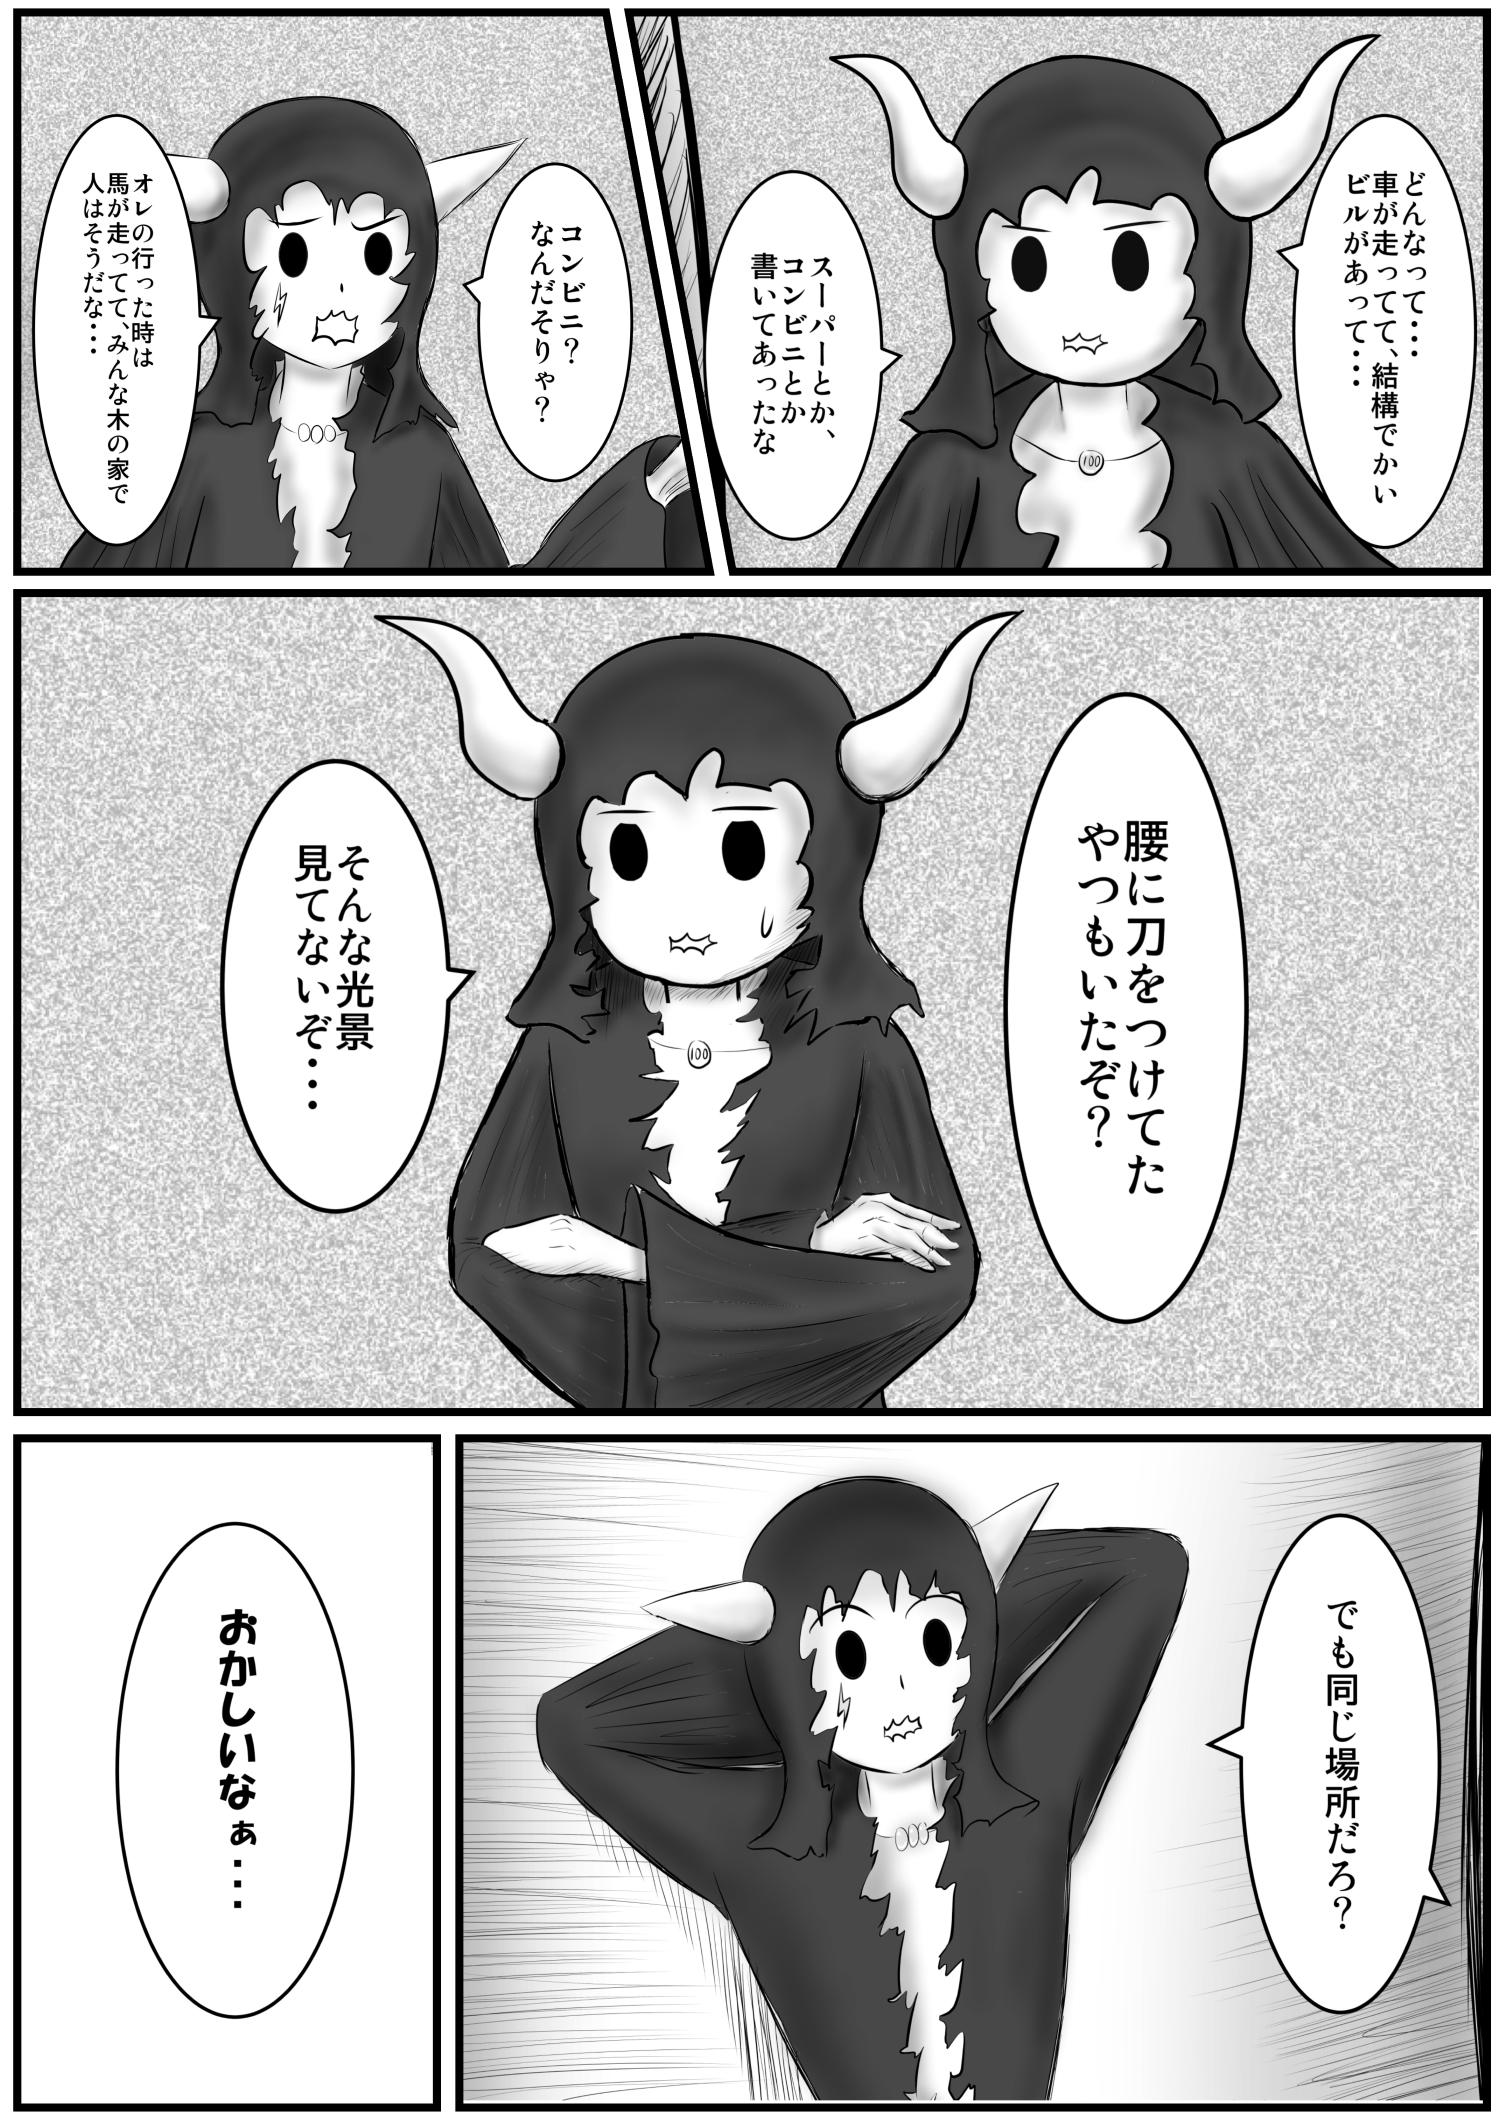 悪魔の勘違い マンガ_024